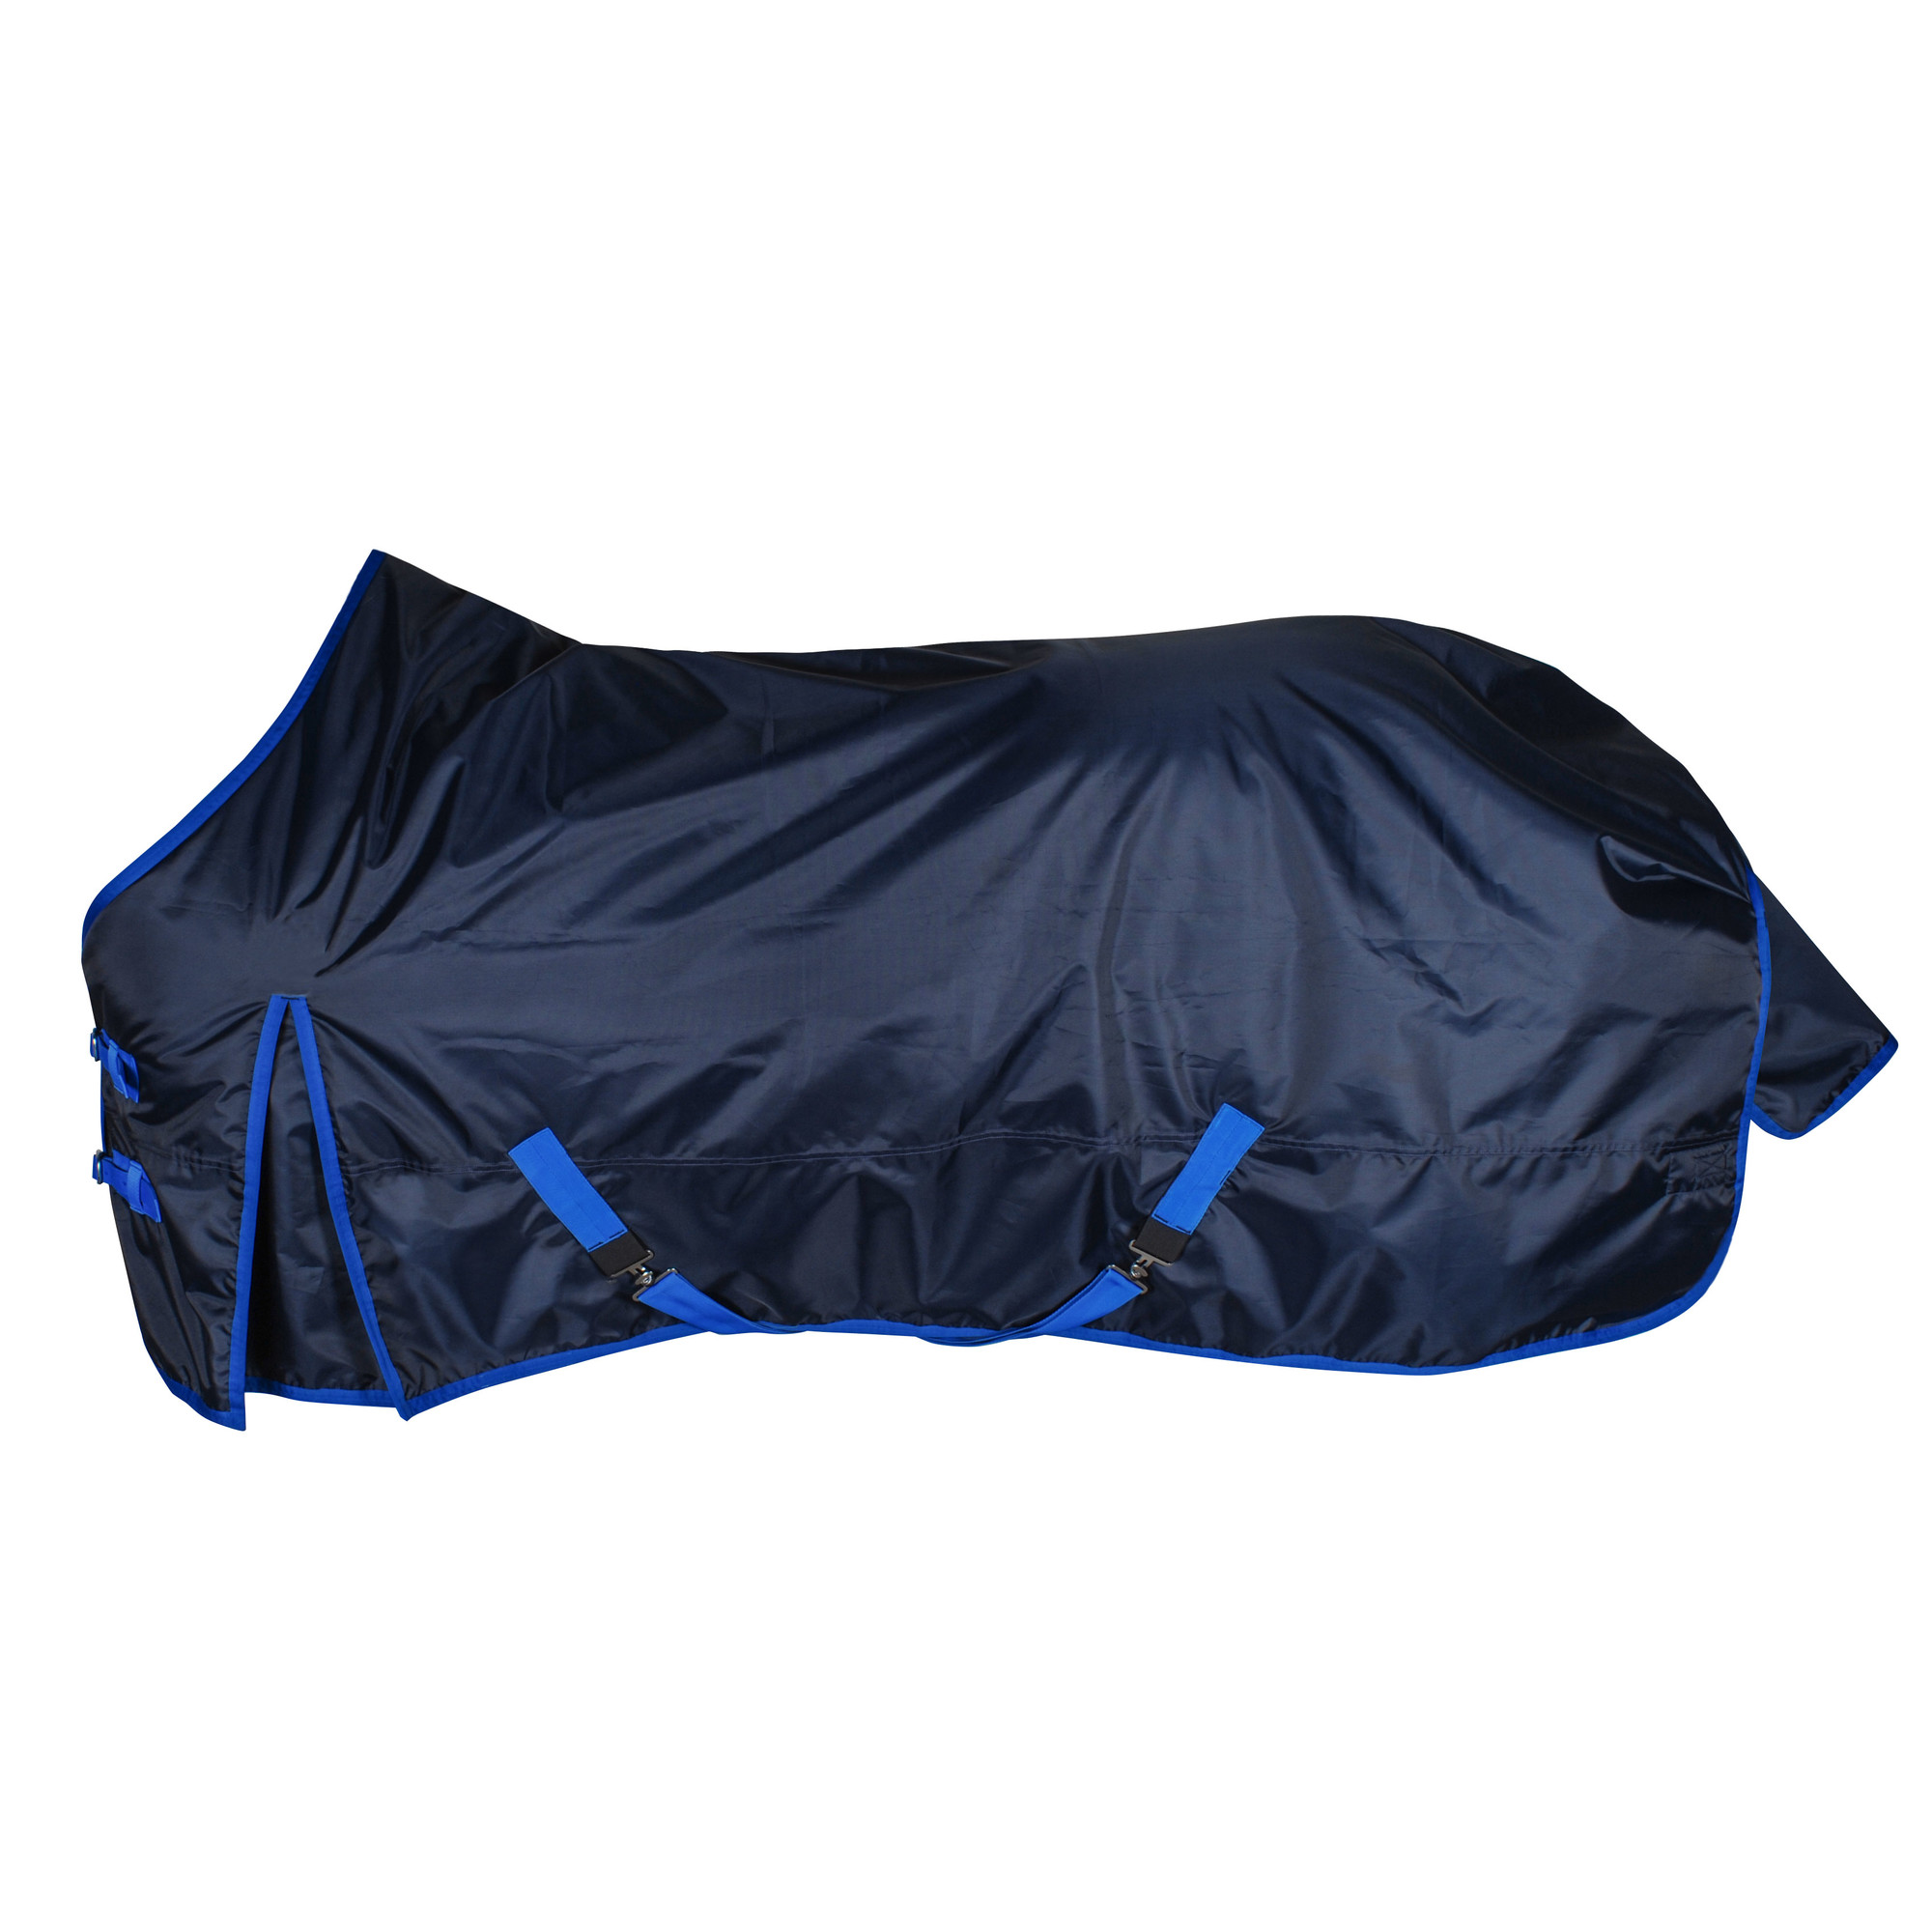 Budget Rider 200gr outdoordeken donkerblauw maat:185